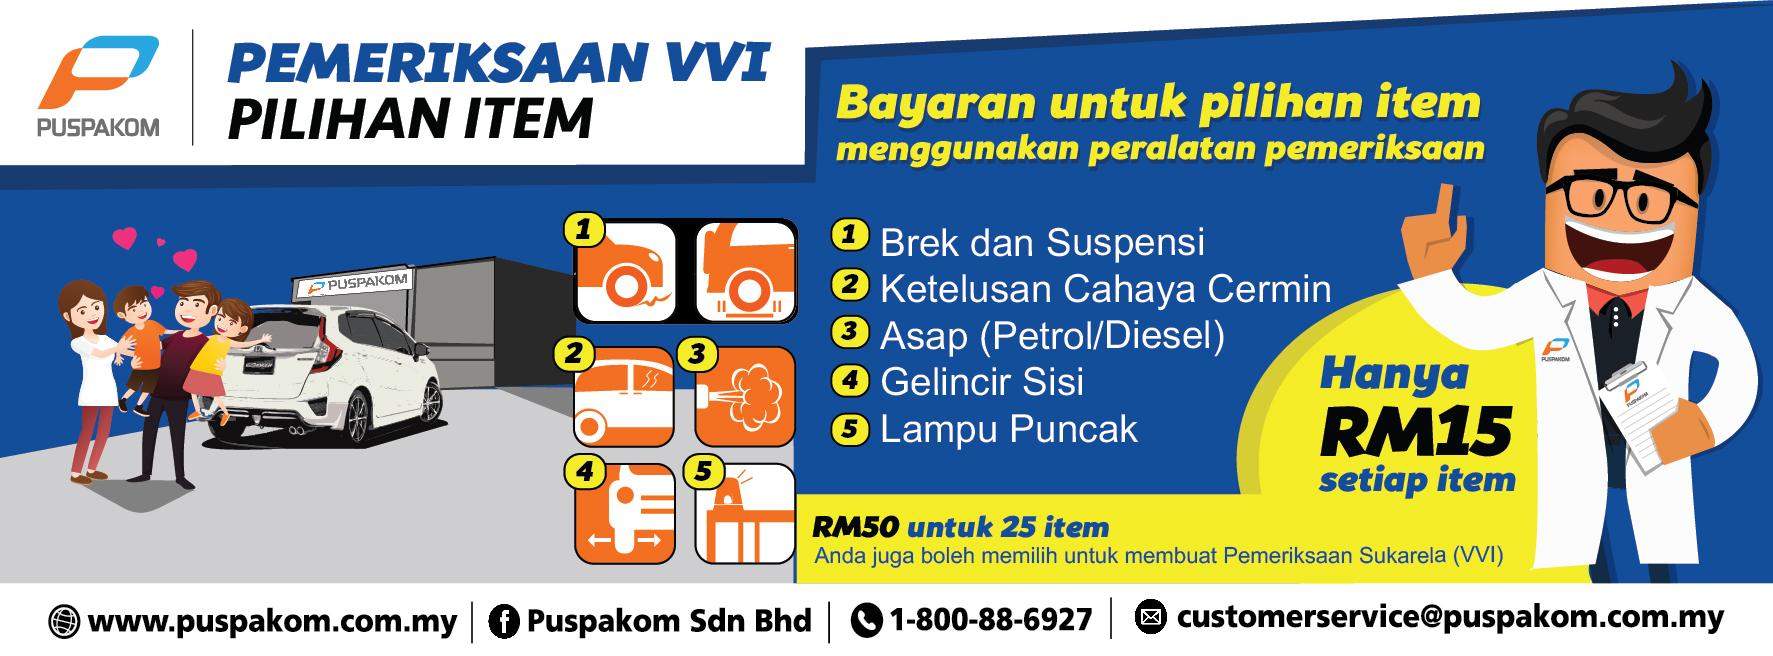 VVI-pilihan item